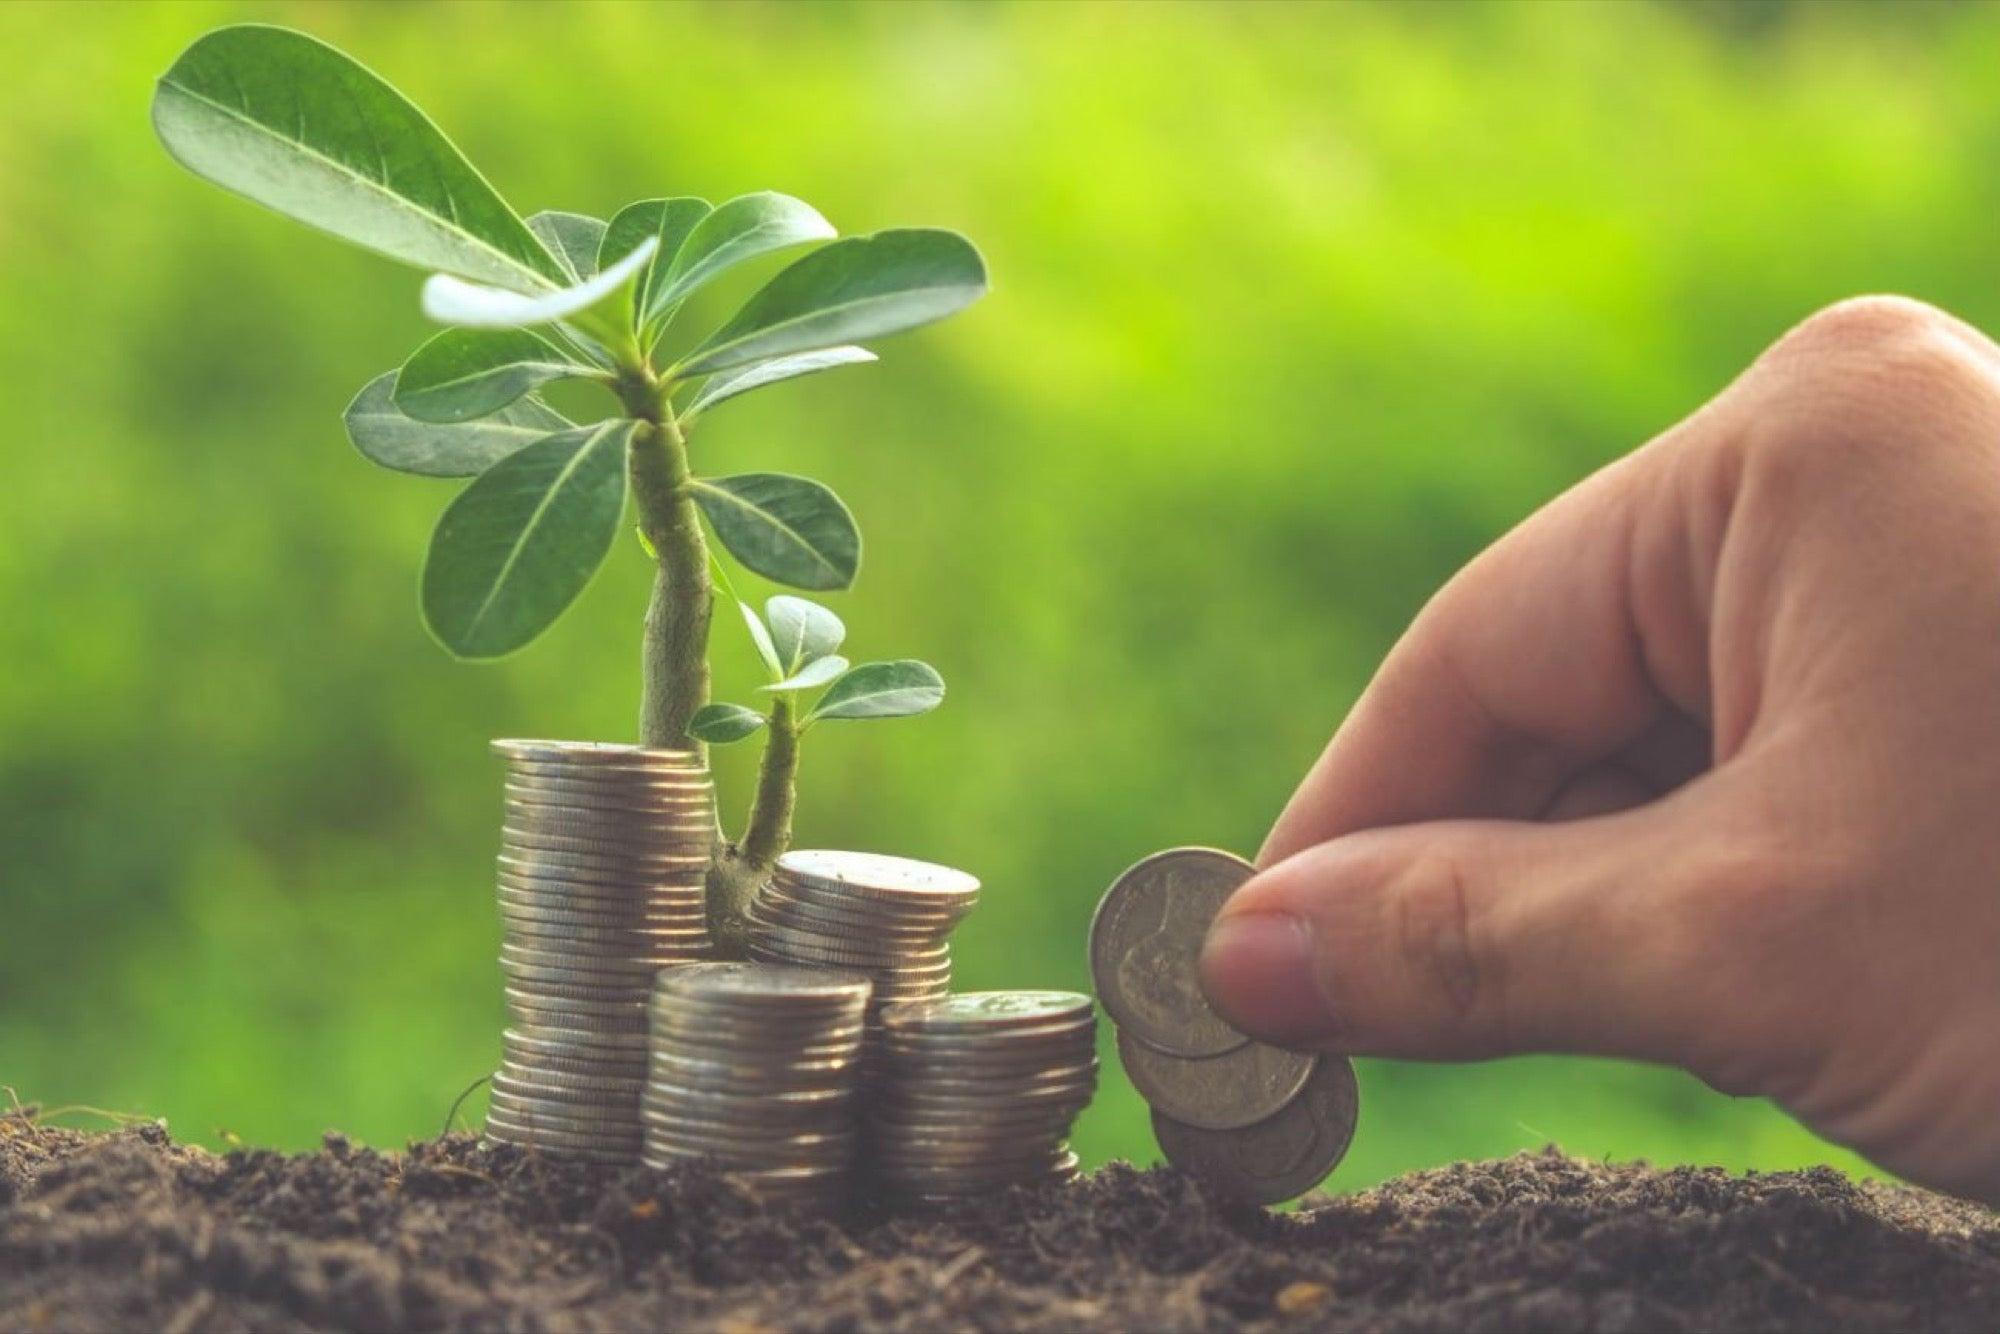 Qué es el capital semilla y el capital emprendedor